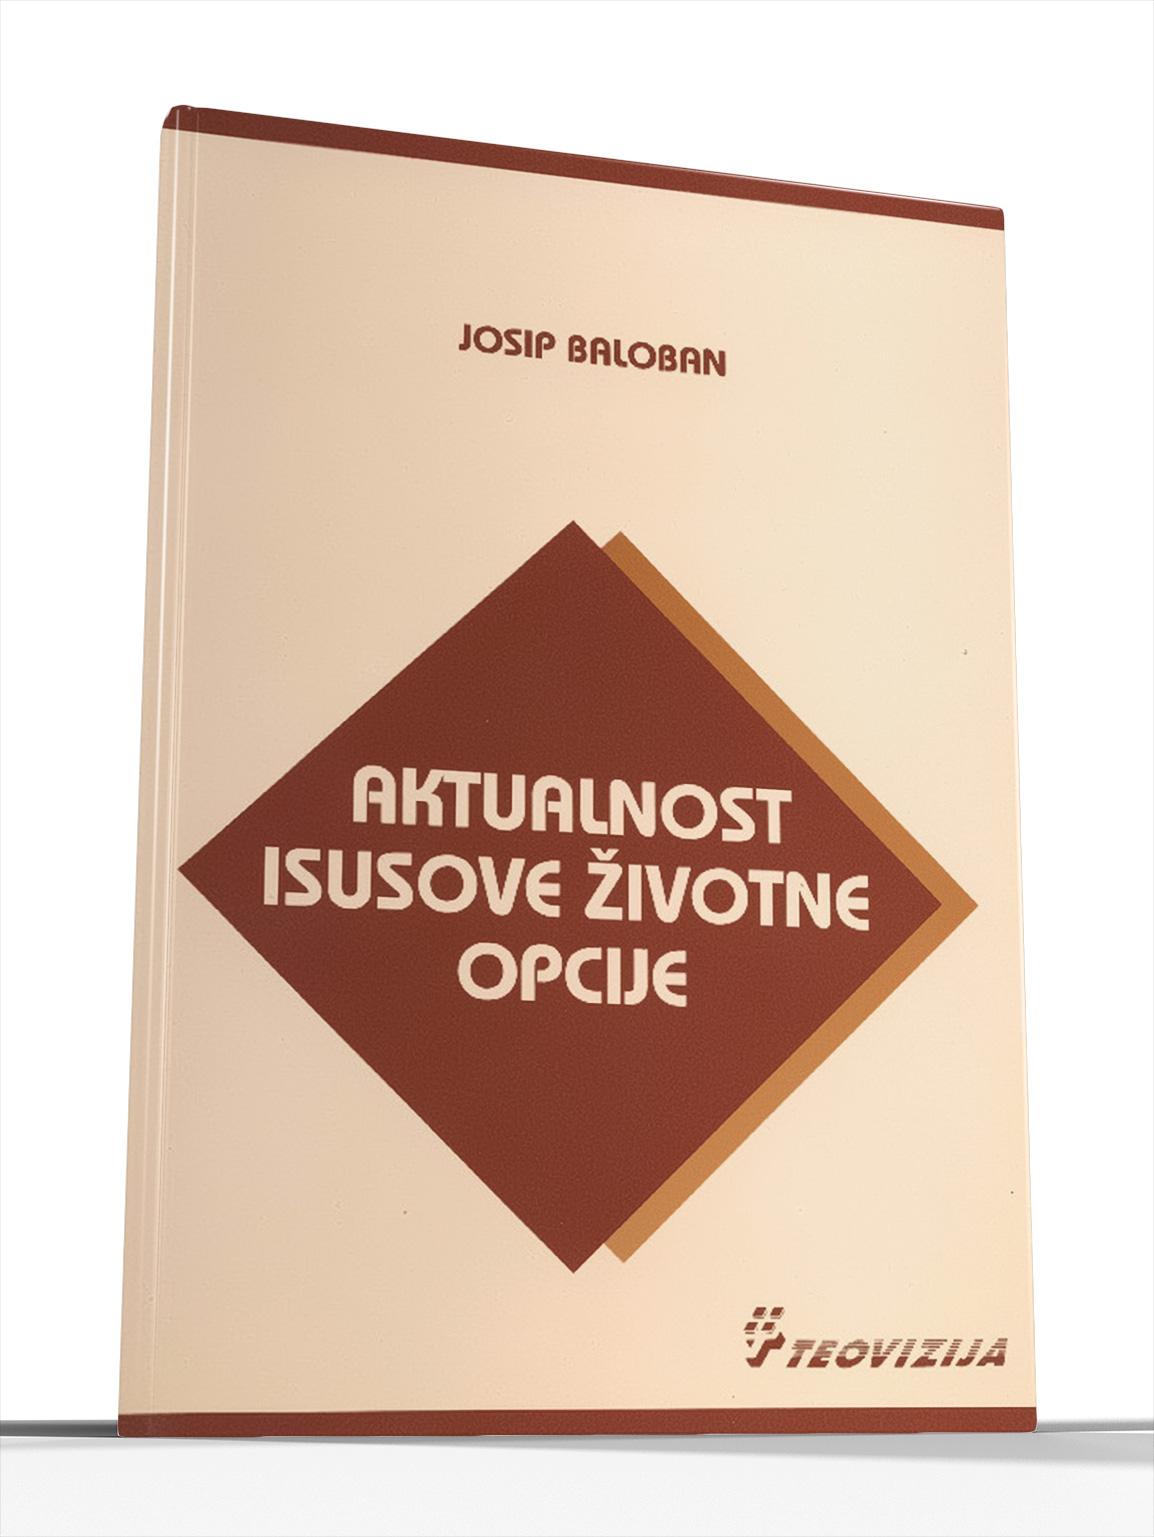 AKTUALNOST ISUSOVE ŽIVOTNE OPCIJE - Josip Baloban